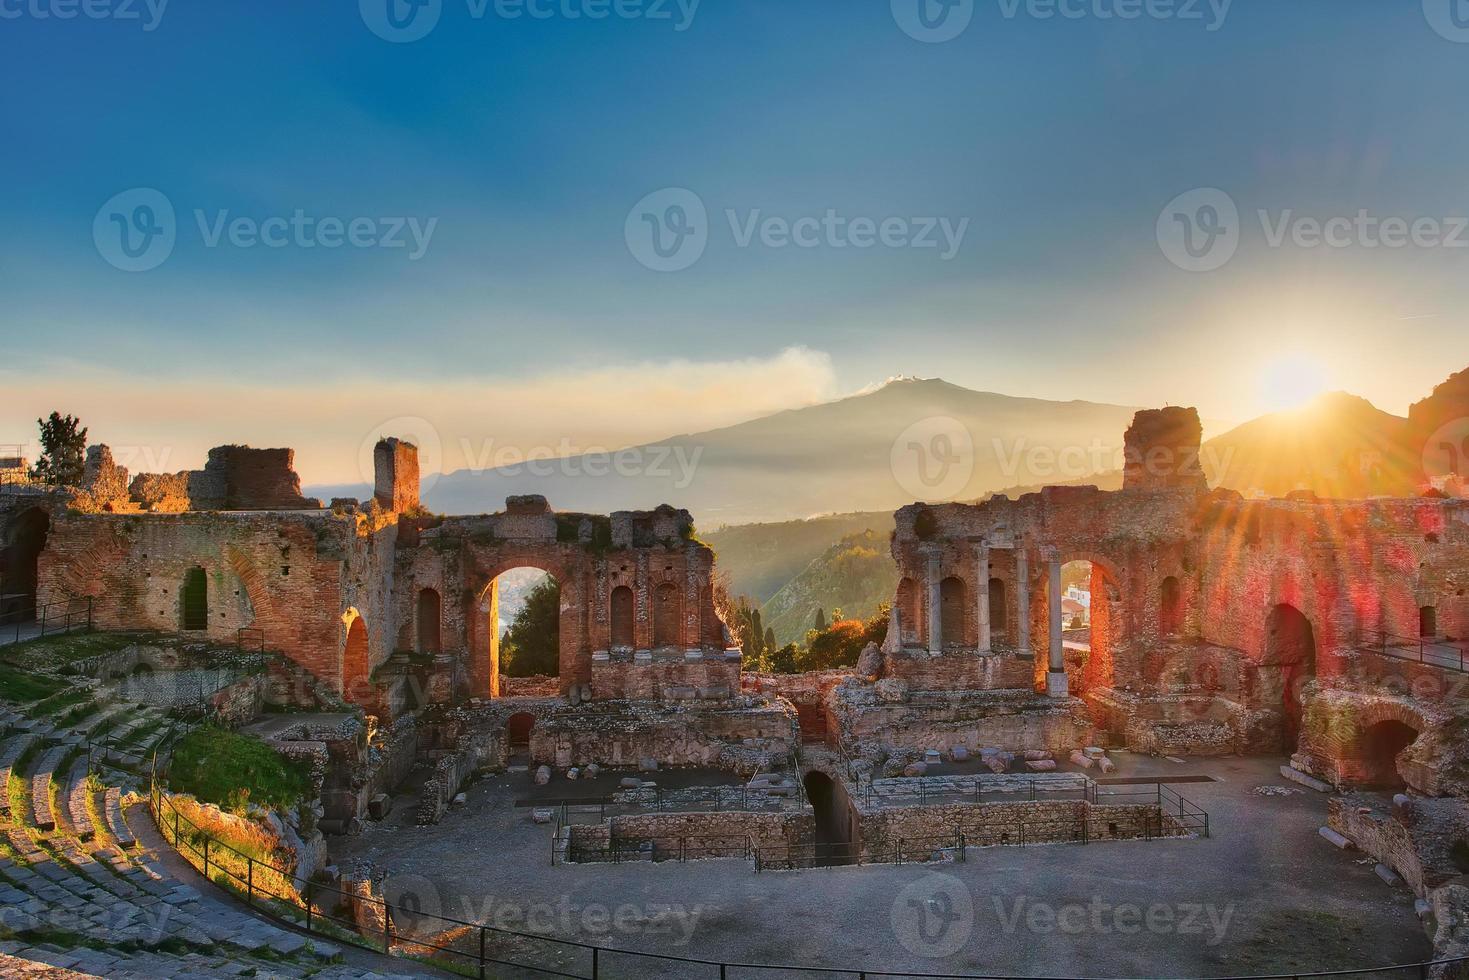 Particulier du théâtre antique de taormina avec volcan en éruption etna au coucher du soleil photo